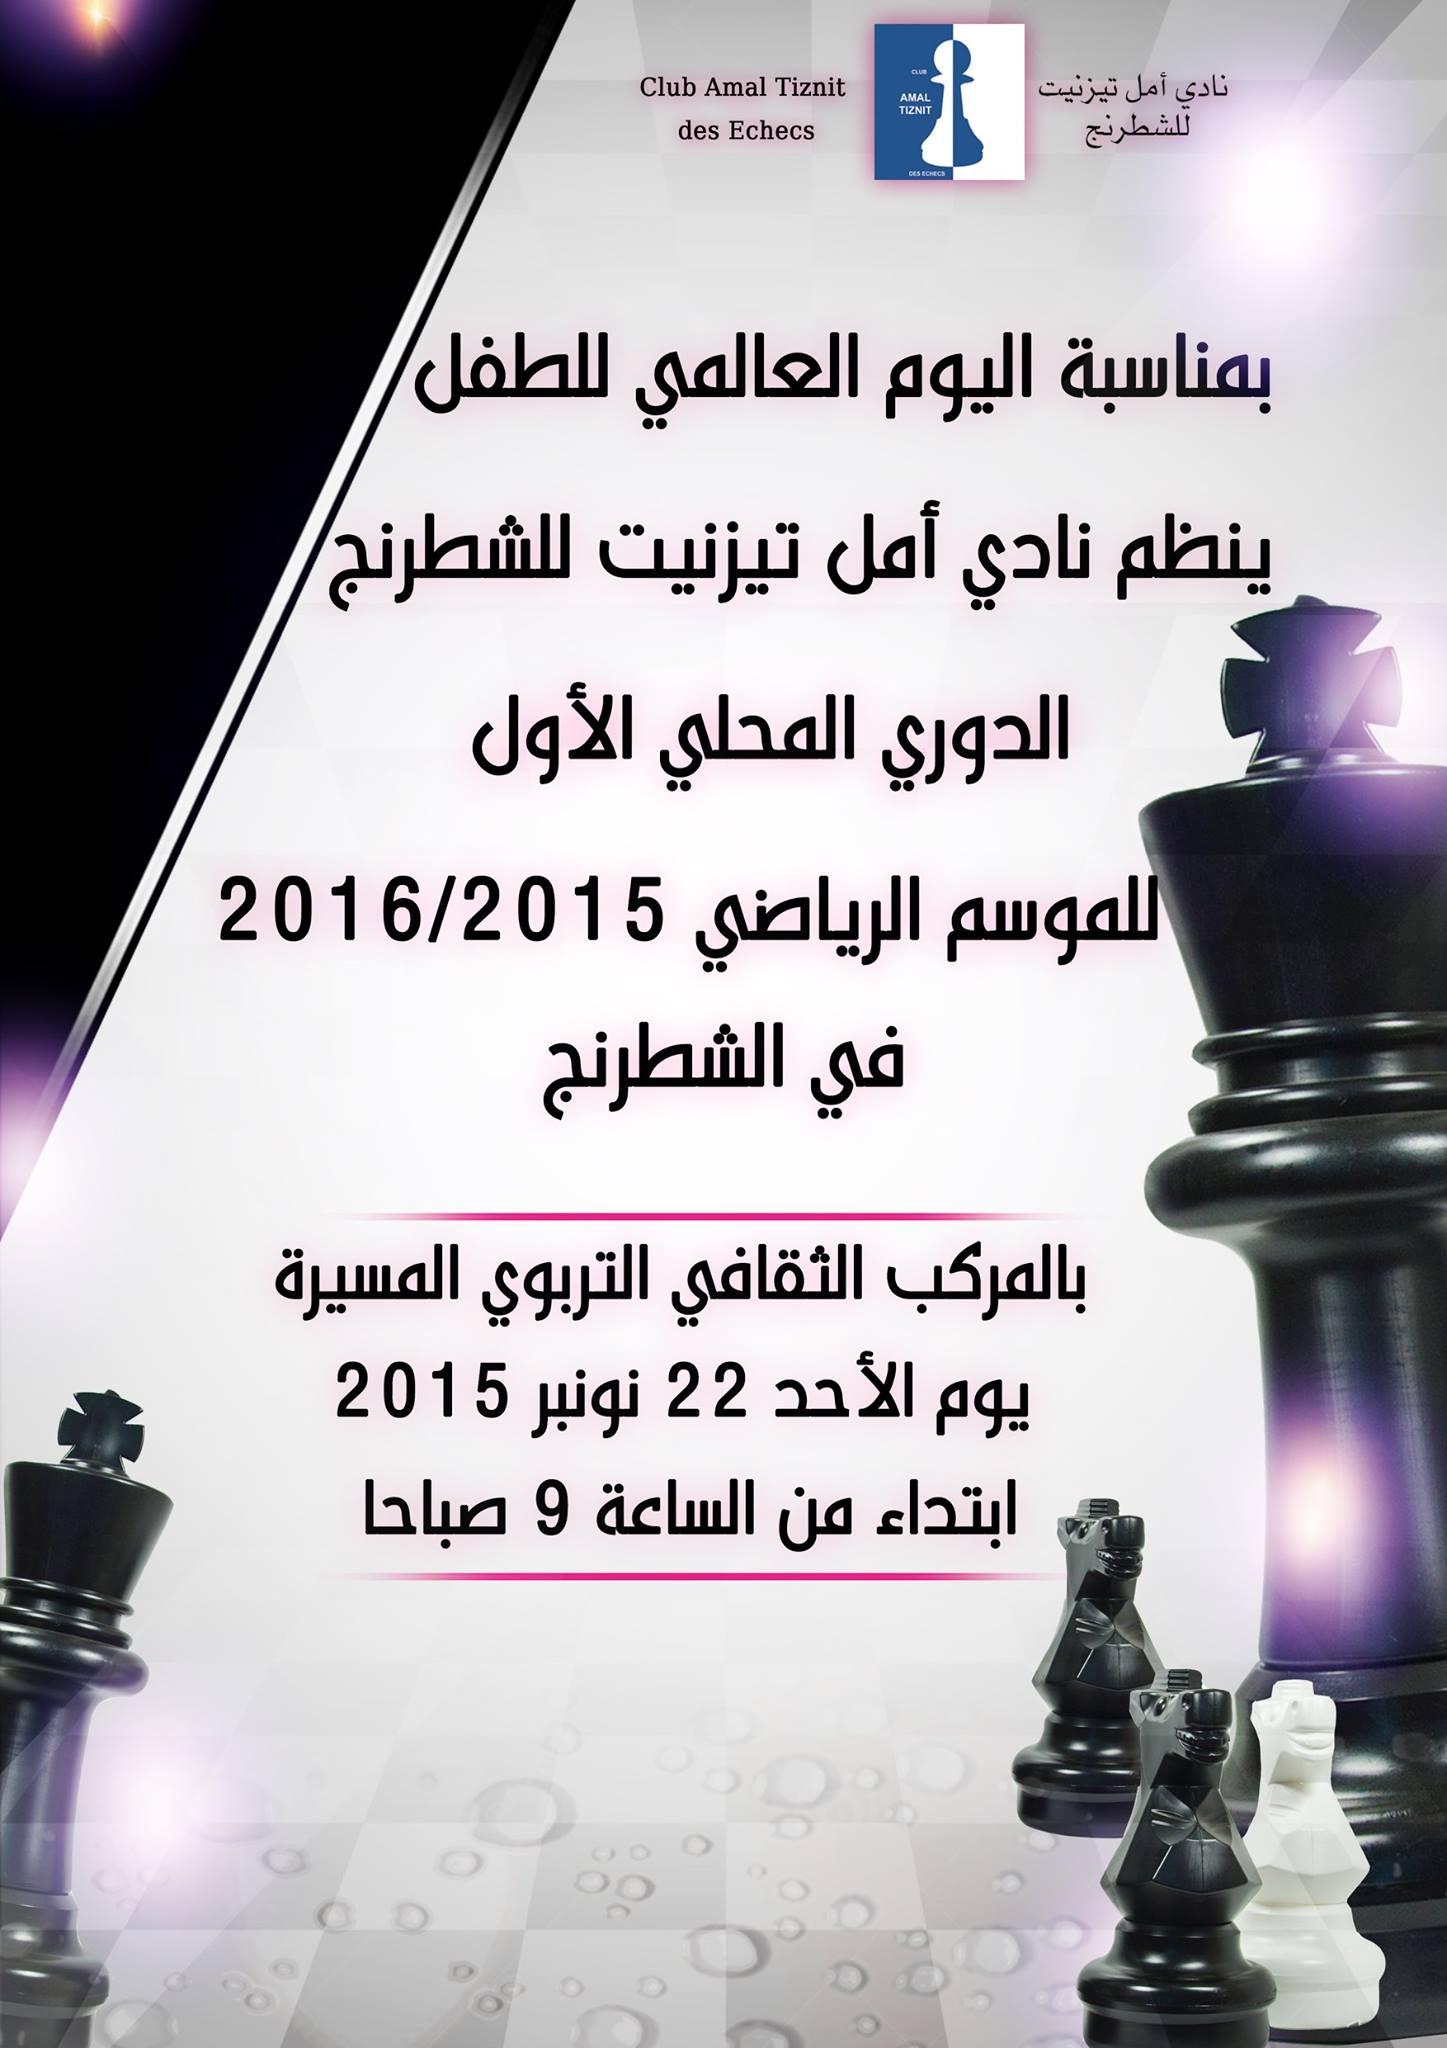 تيزنيت : الدوري المحلي الأول للموسم الرياضي 2016/2015 في الشطرنج